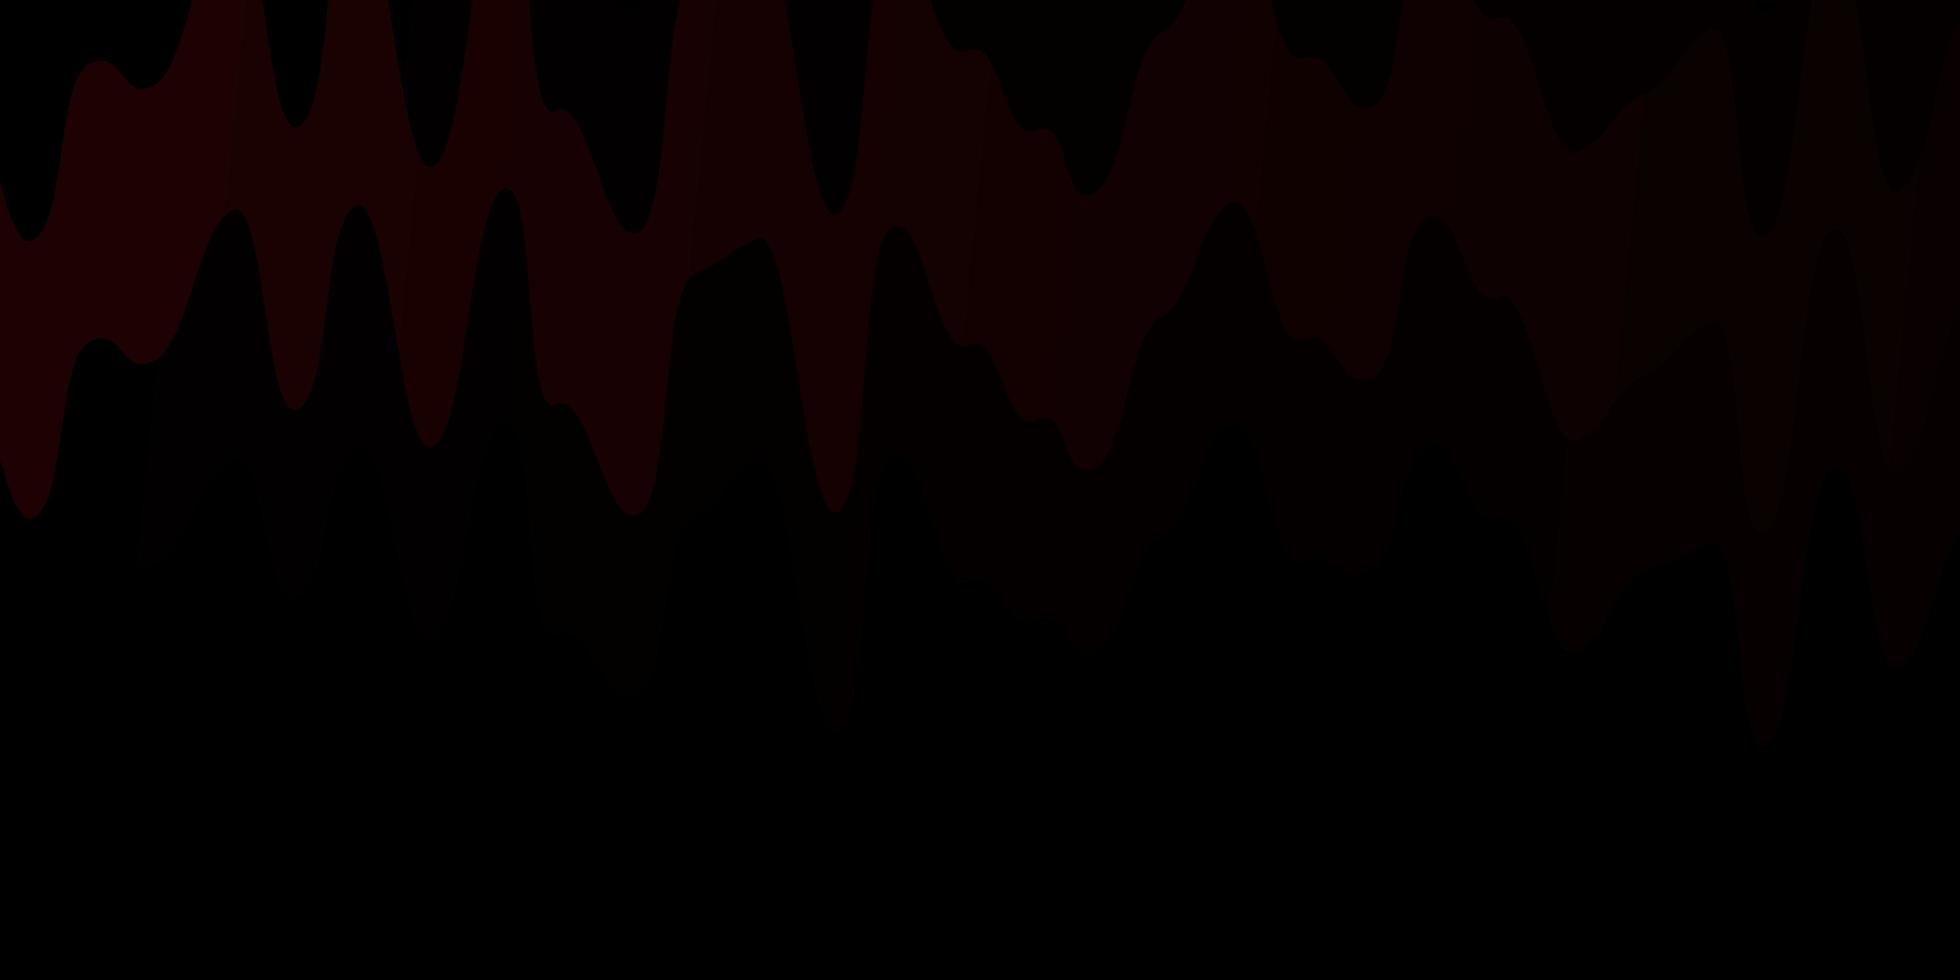 modèle de vecteur rouge foncé avec des lignes courbes.